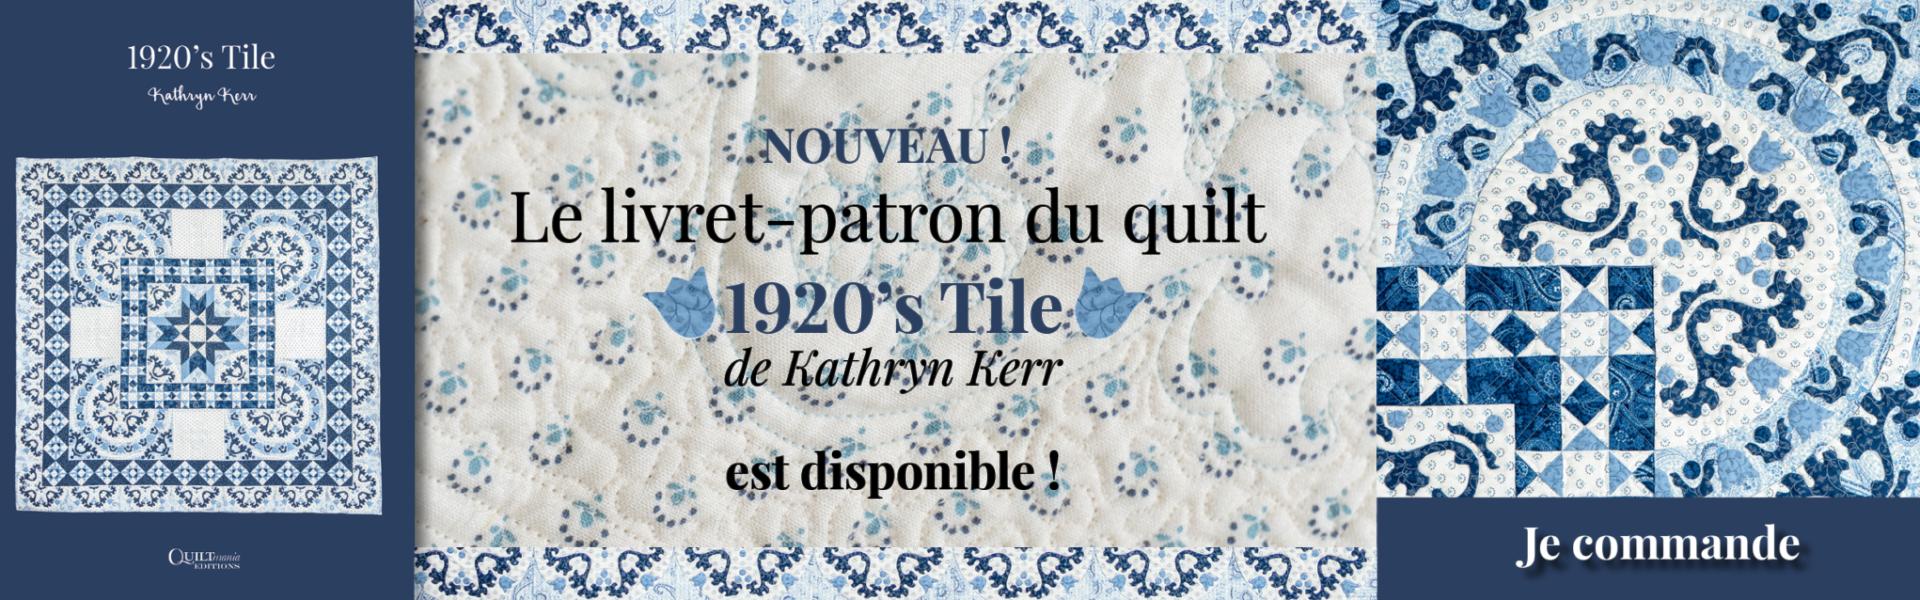 Banniere patron 1920s Tile Kathryn Kerr